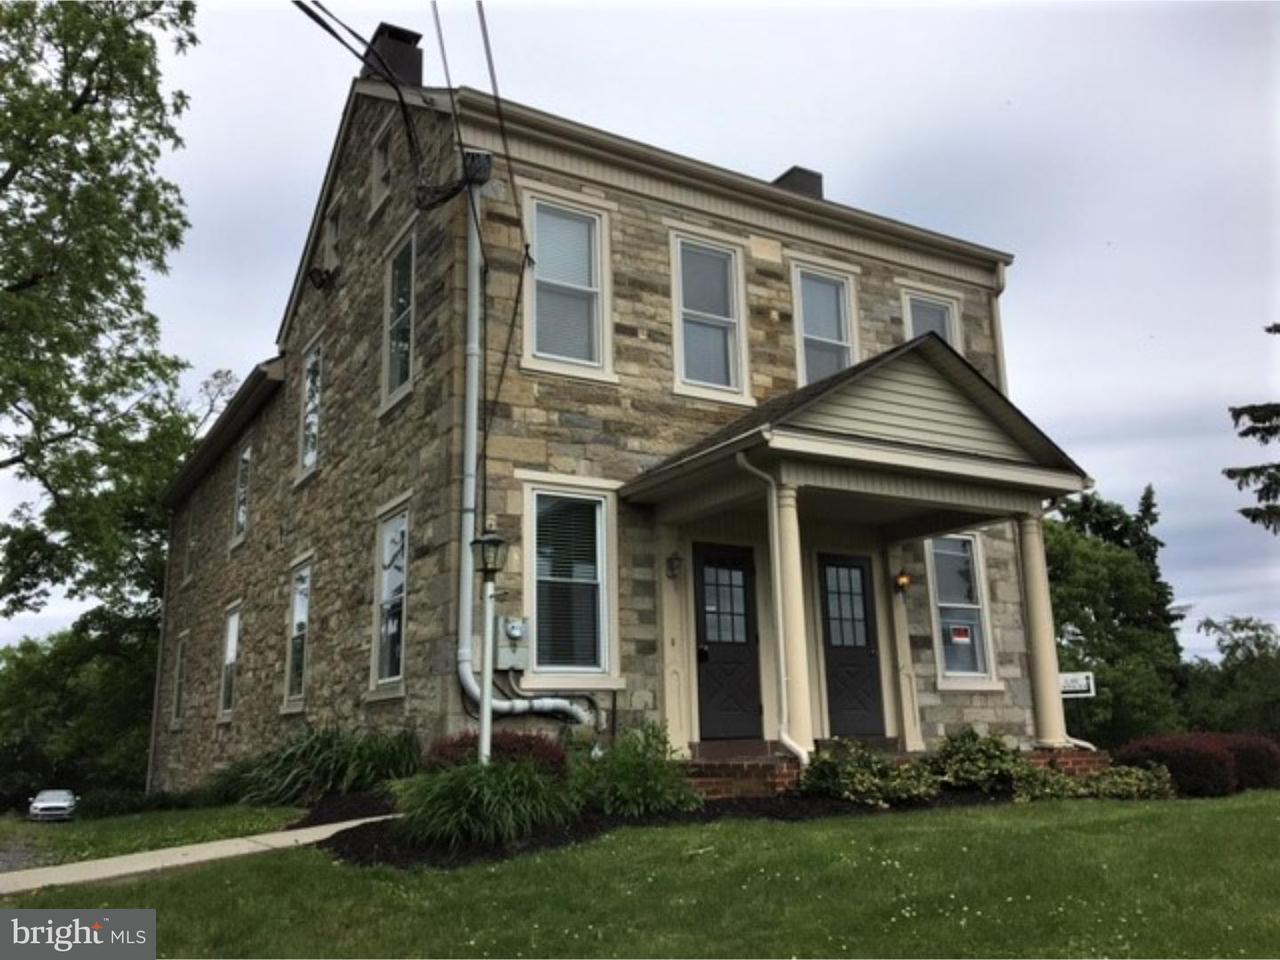 Частный односемейный дом для того Продажа на 2619 LEISCZS BRIDGE Road Leesport, Пенсильвания 19533 Соединенные Штаты